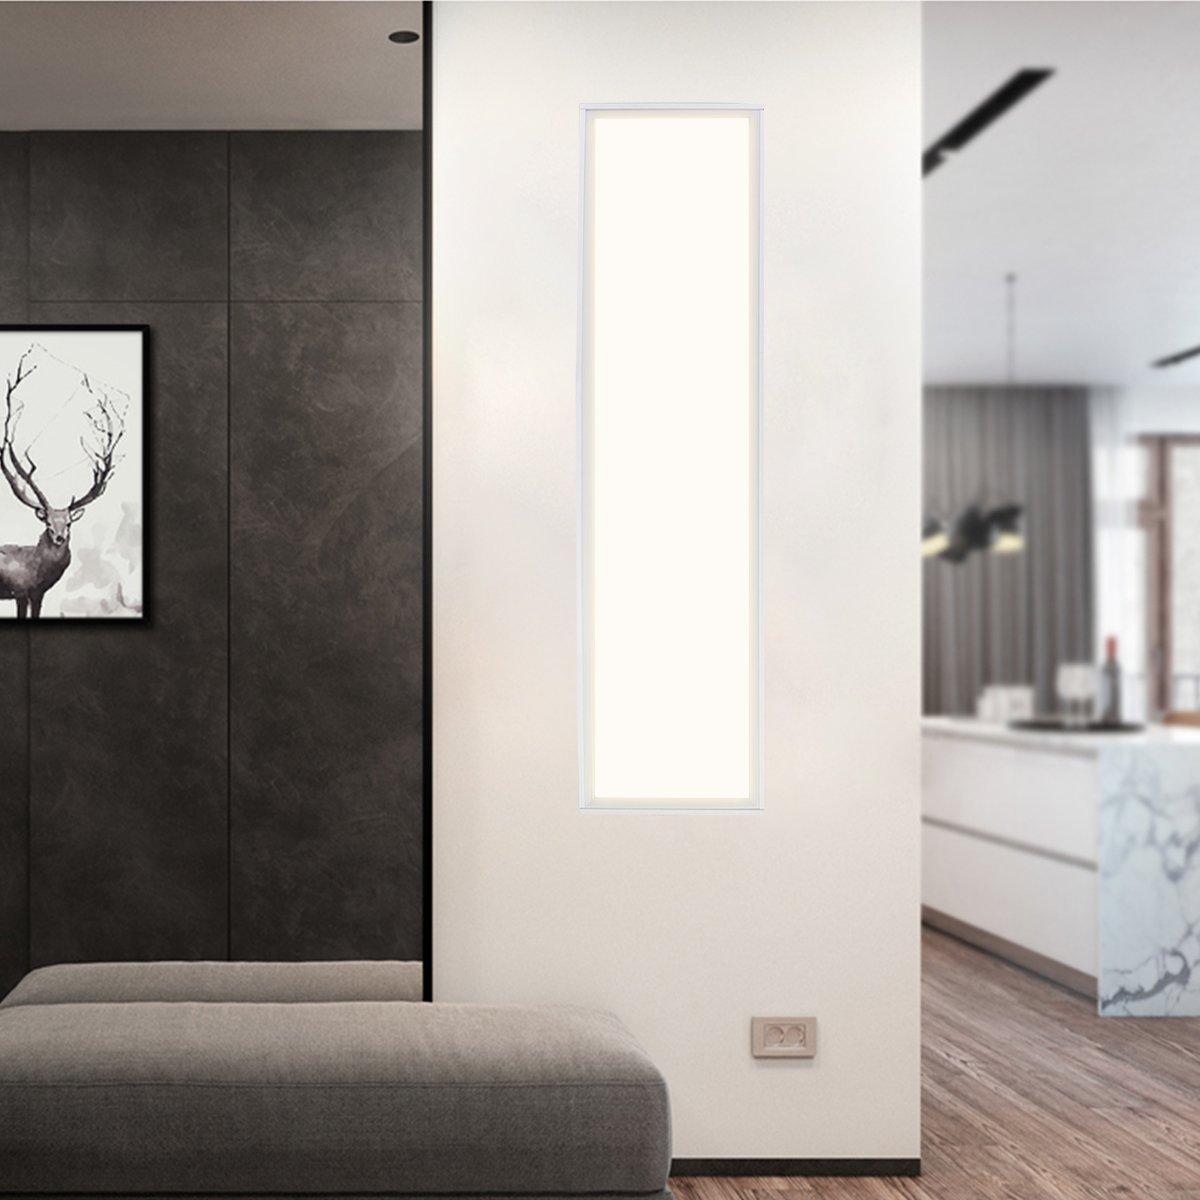 LED Panel Rahmen Aufputz 120x30 LED Panel Deckenrahmen für Wand- und ...